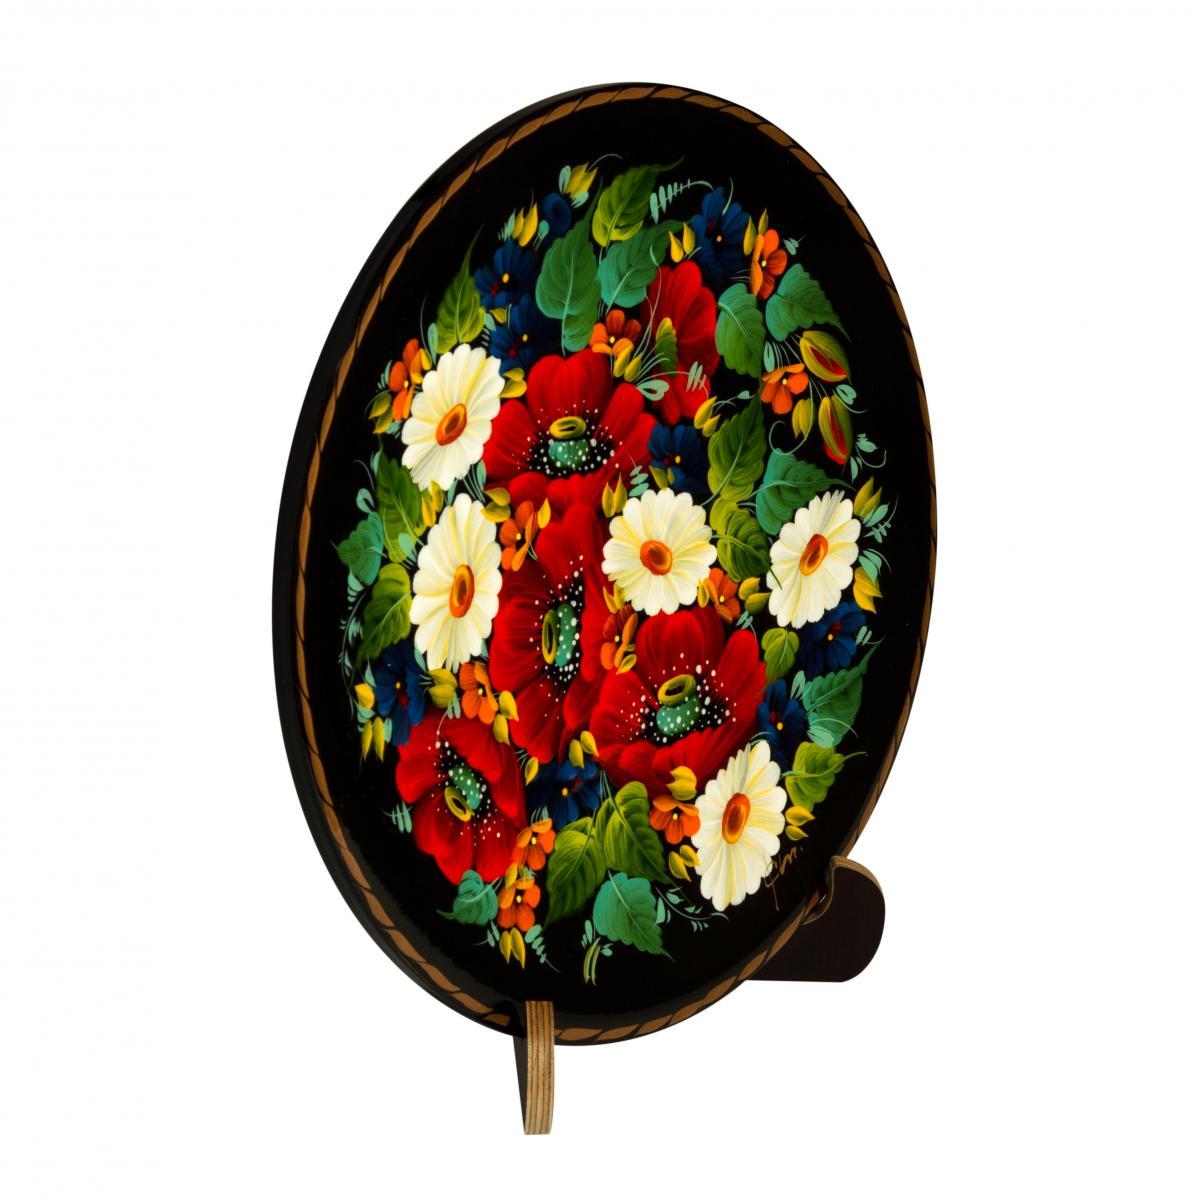 Деревянная декоративная тарелка с ручной росписью. Фото №1.   Народный дом Украина